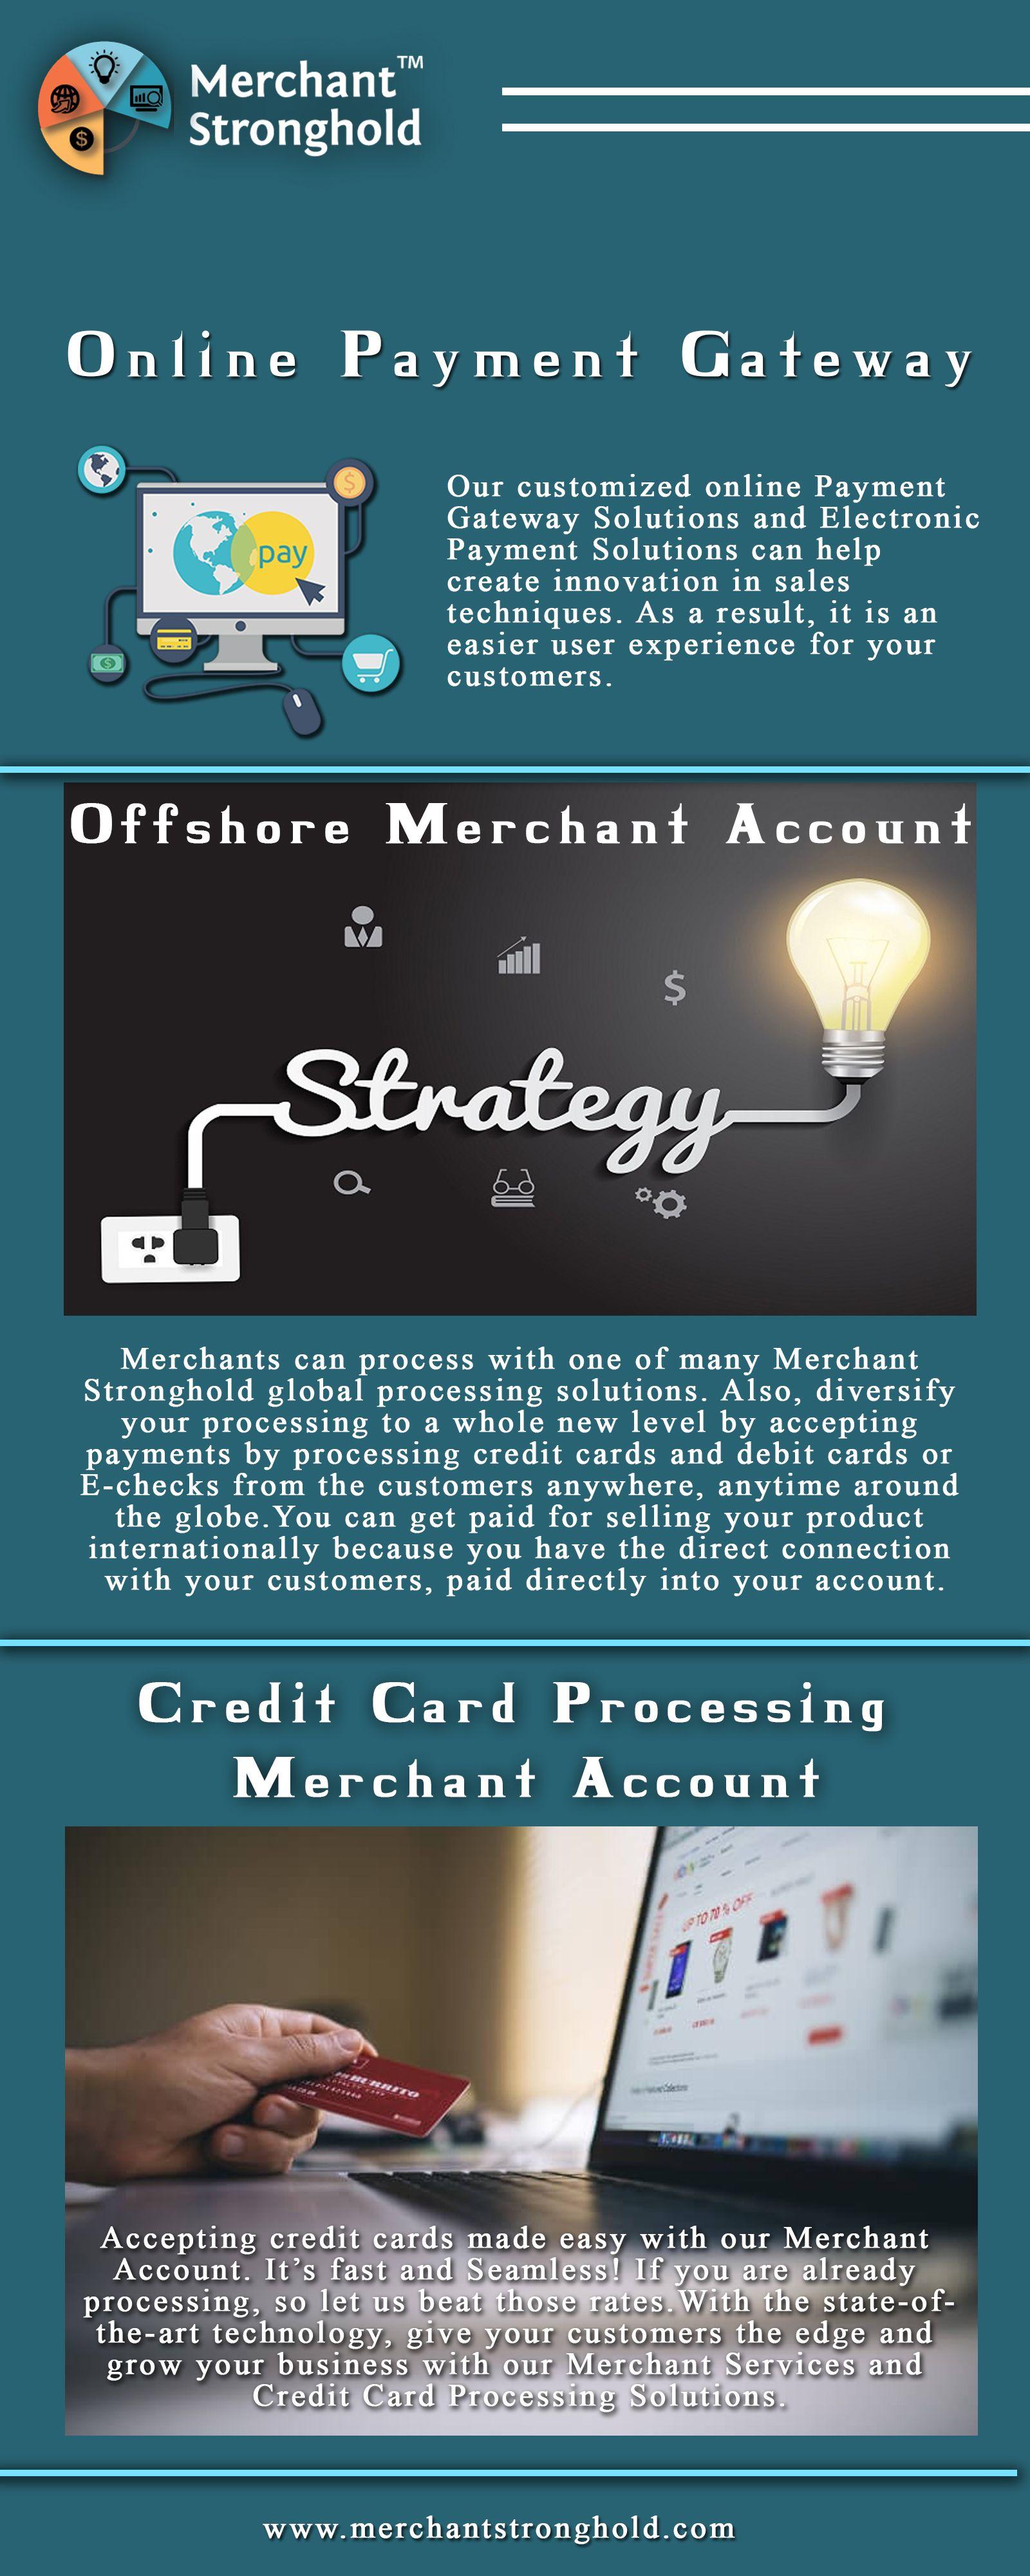 Payment gateway allows new merchants to create a merchant